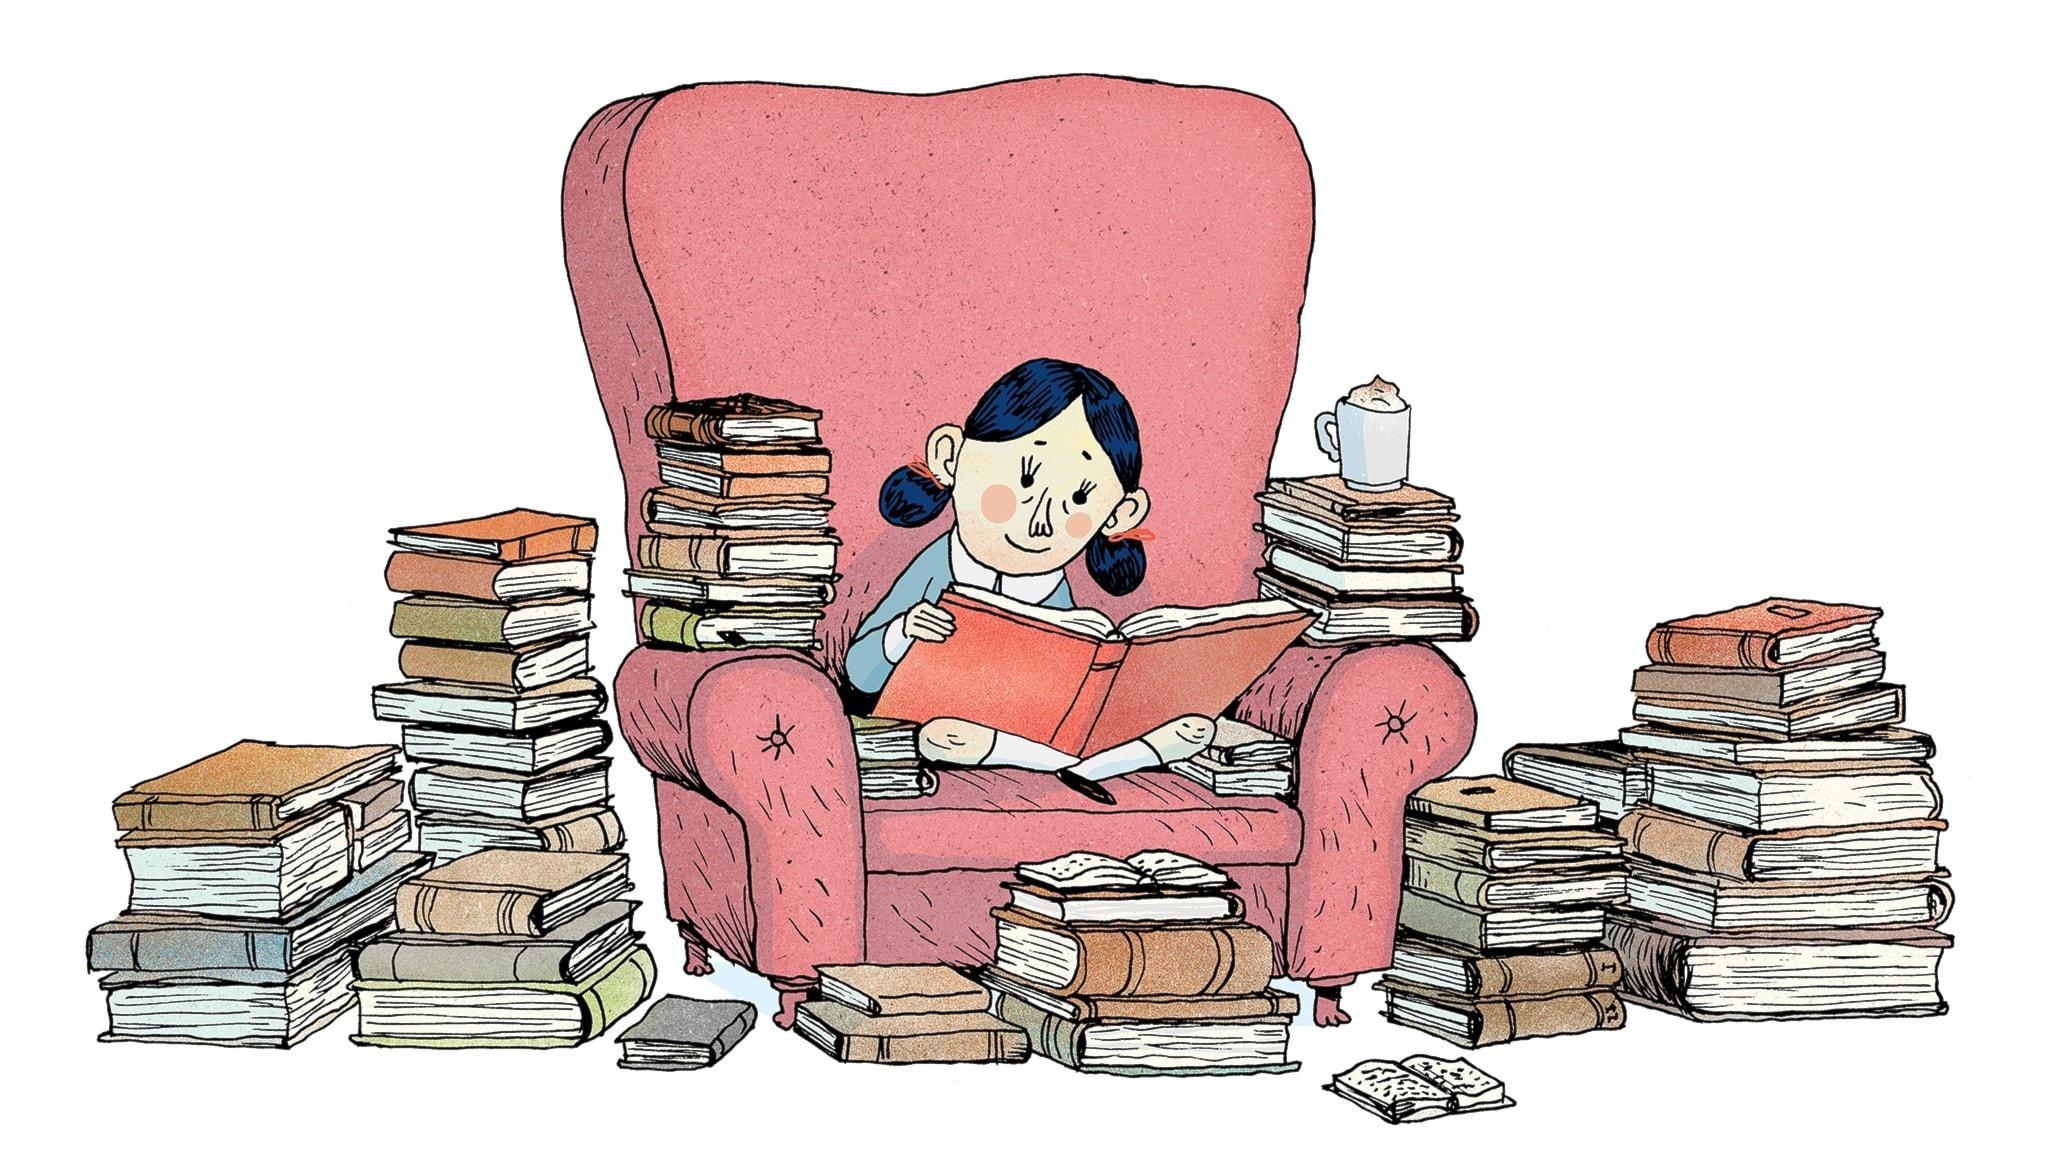 Matilda sitter i i en mysig fåtölj och läser en massa böcker. Hon har det bra. Bild: Erik Svetoft